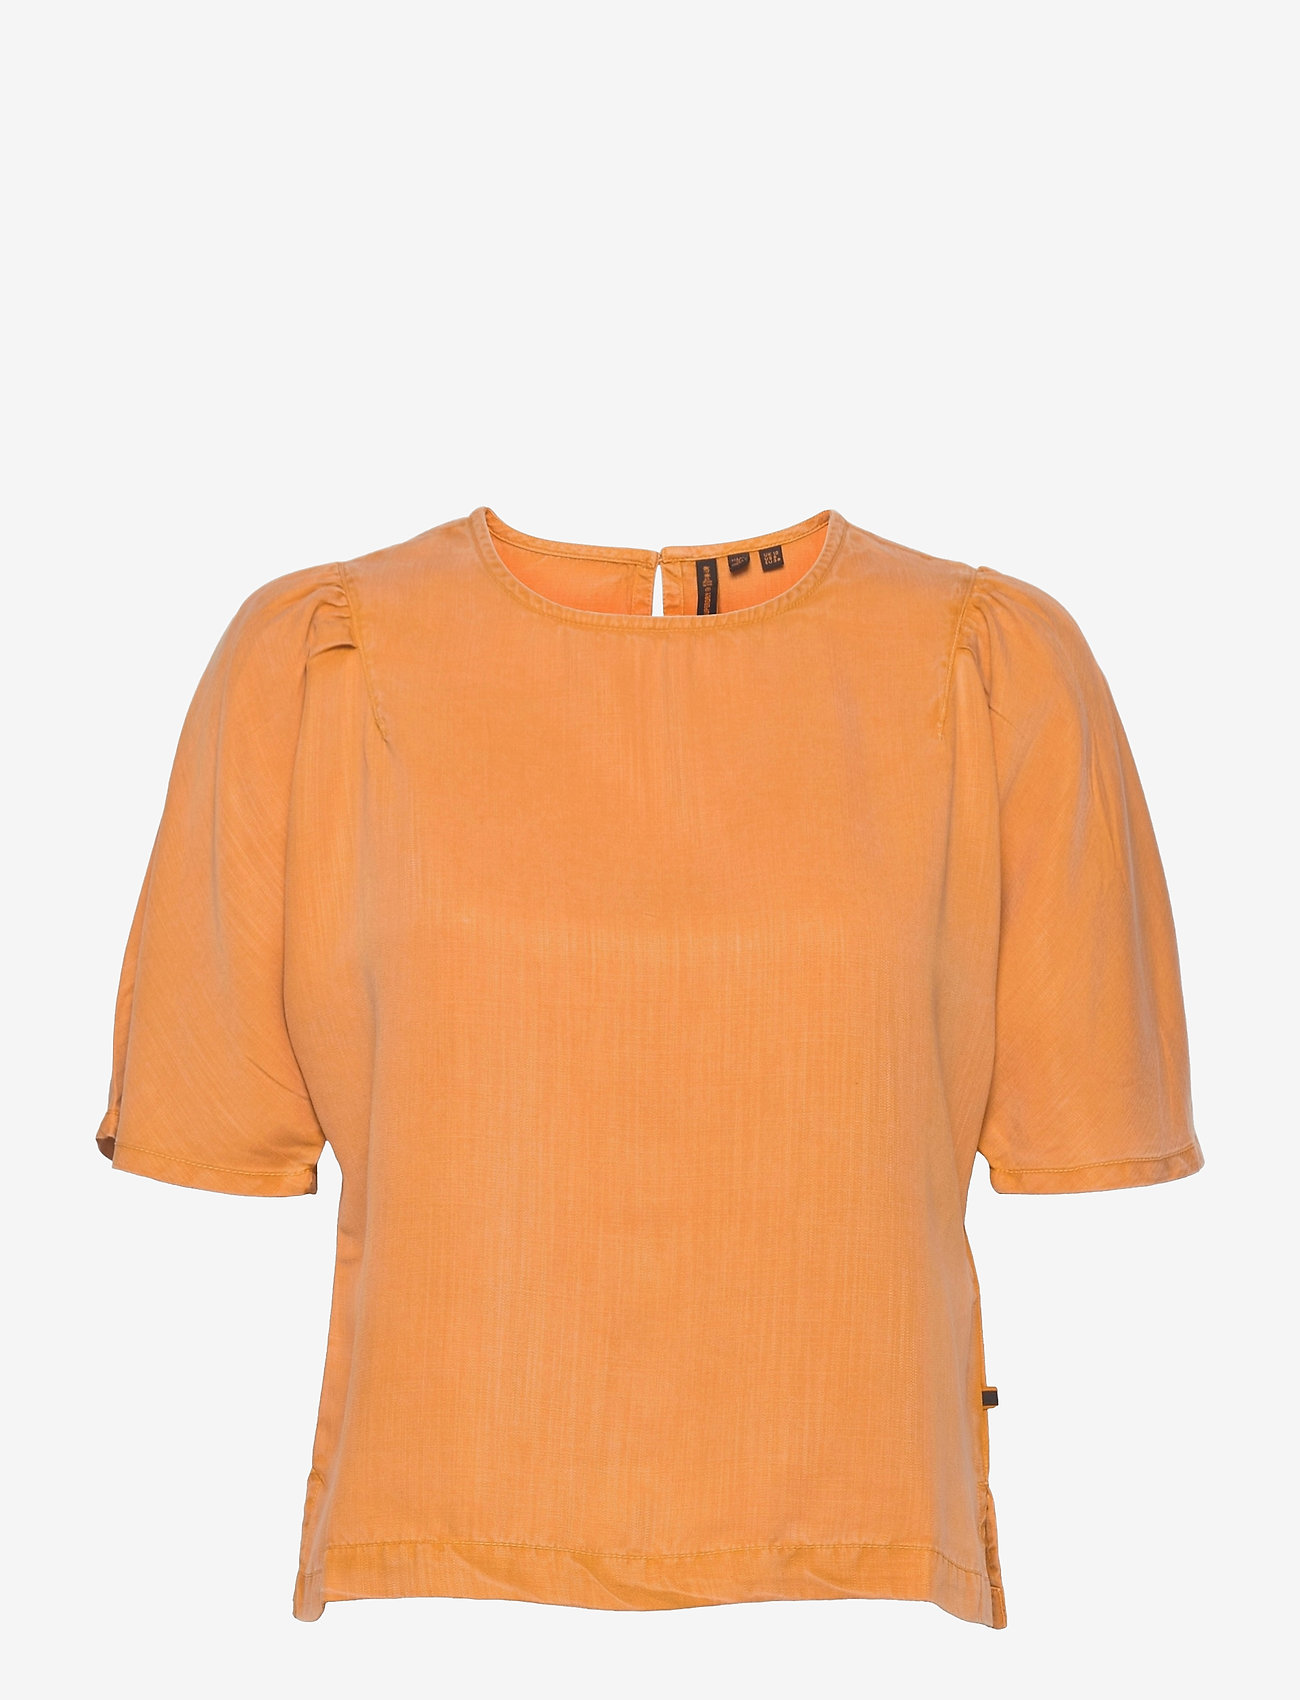 Superdry - WOVEN TSHIRT - short-sleeved blouses - sunset - 0